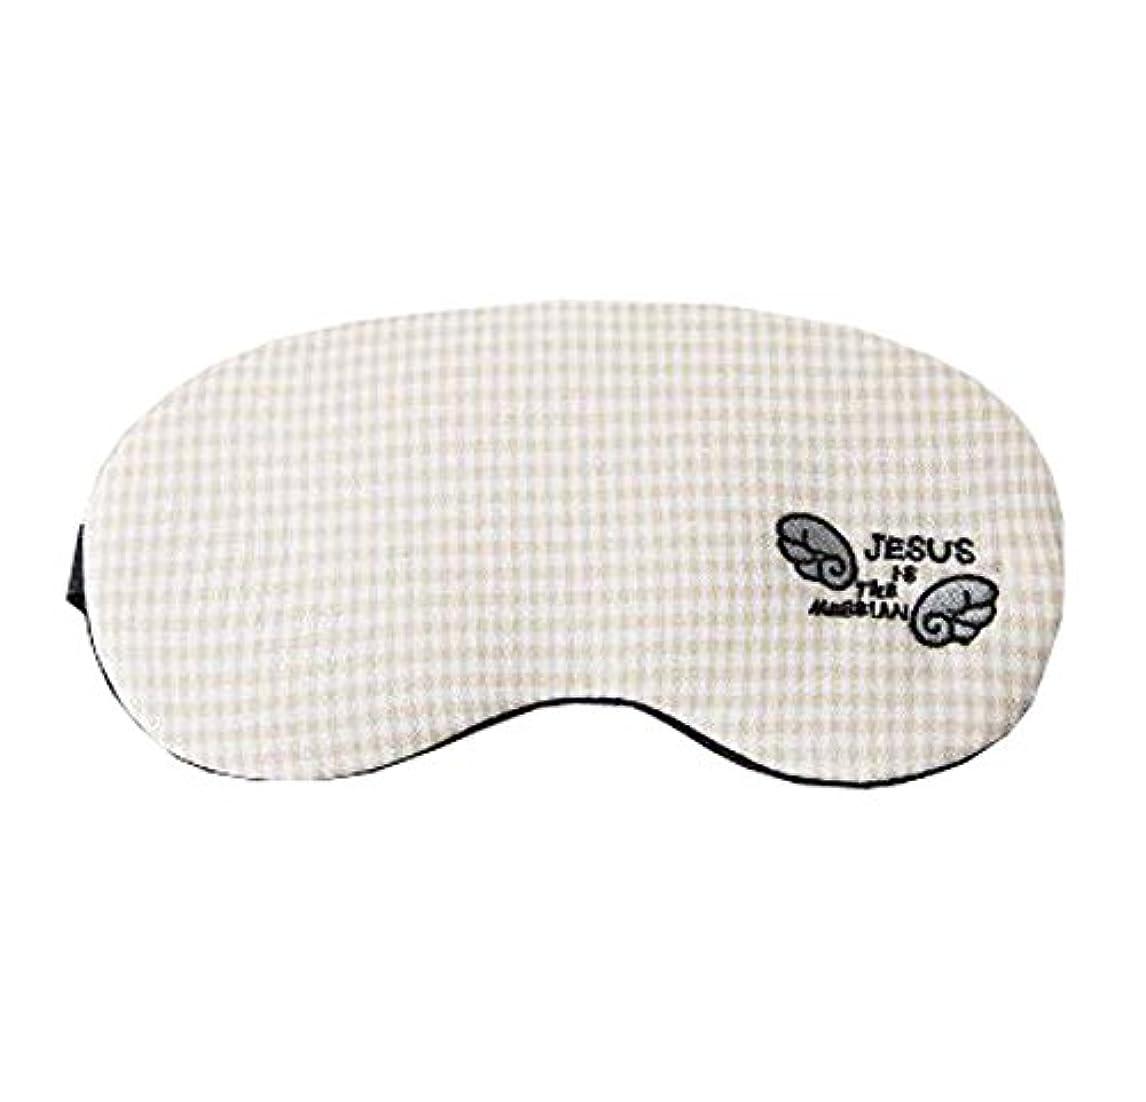 ドラム補助真夜中快適なかわいい目のマスクは、睡眠の作業のための不眠症とストレスを緩和する、F